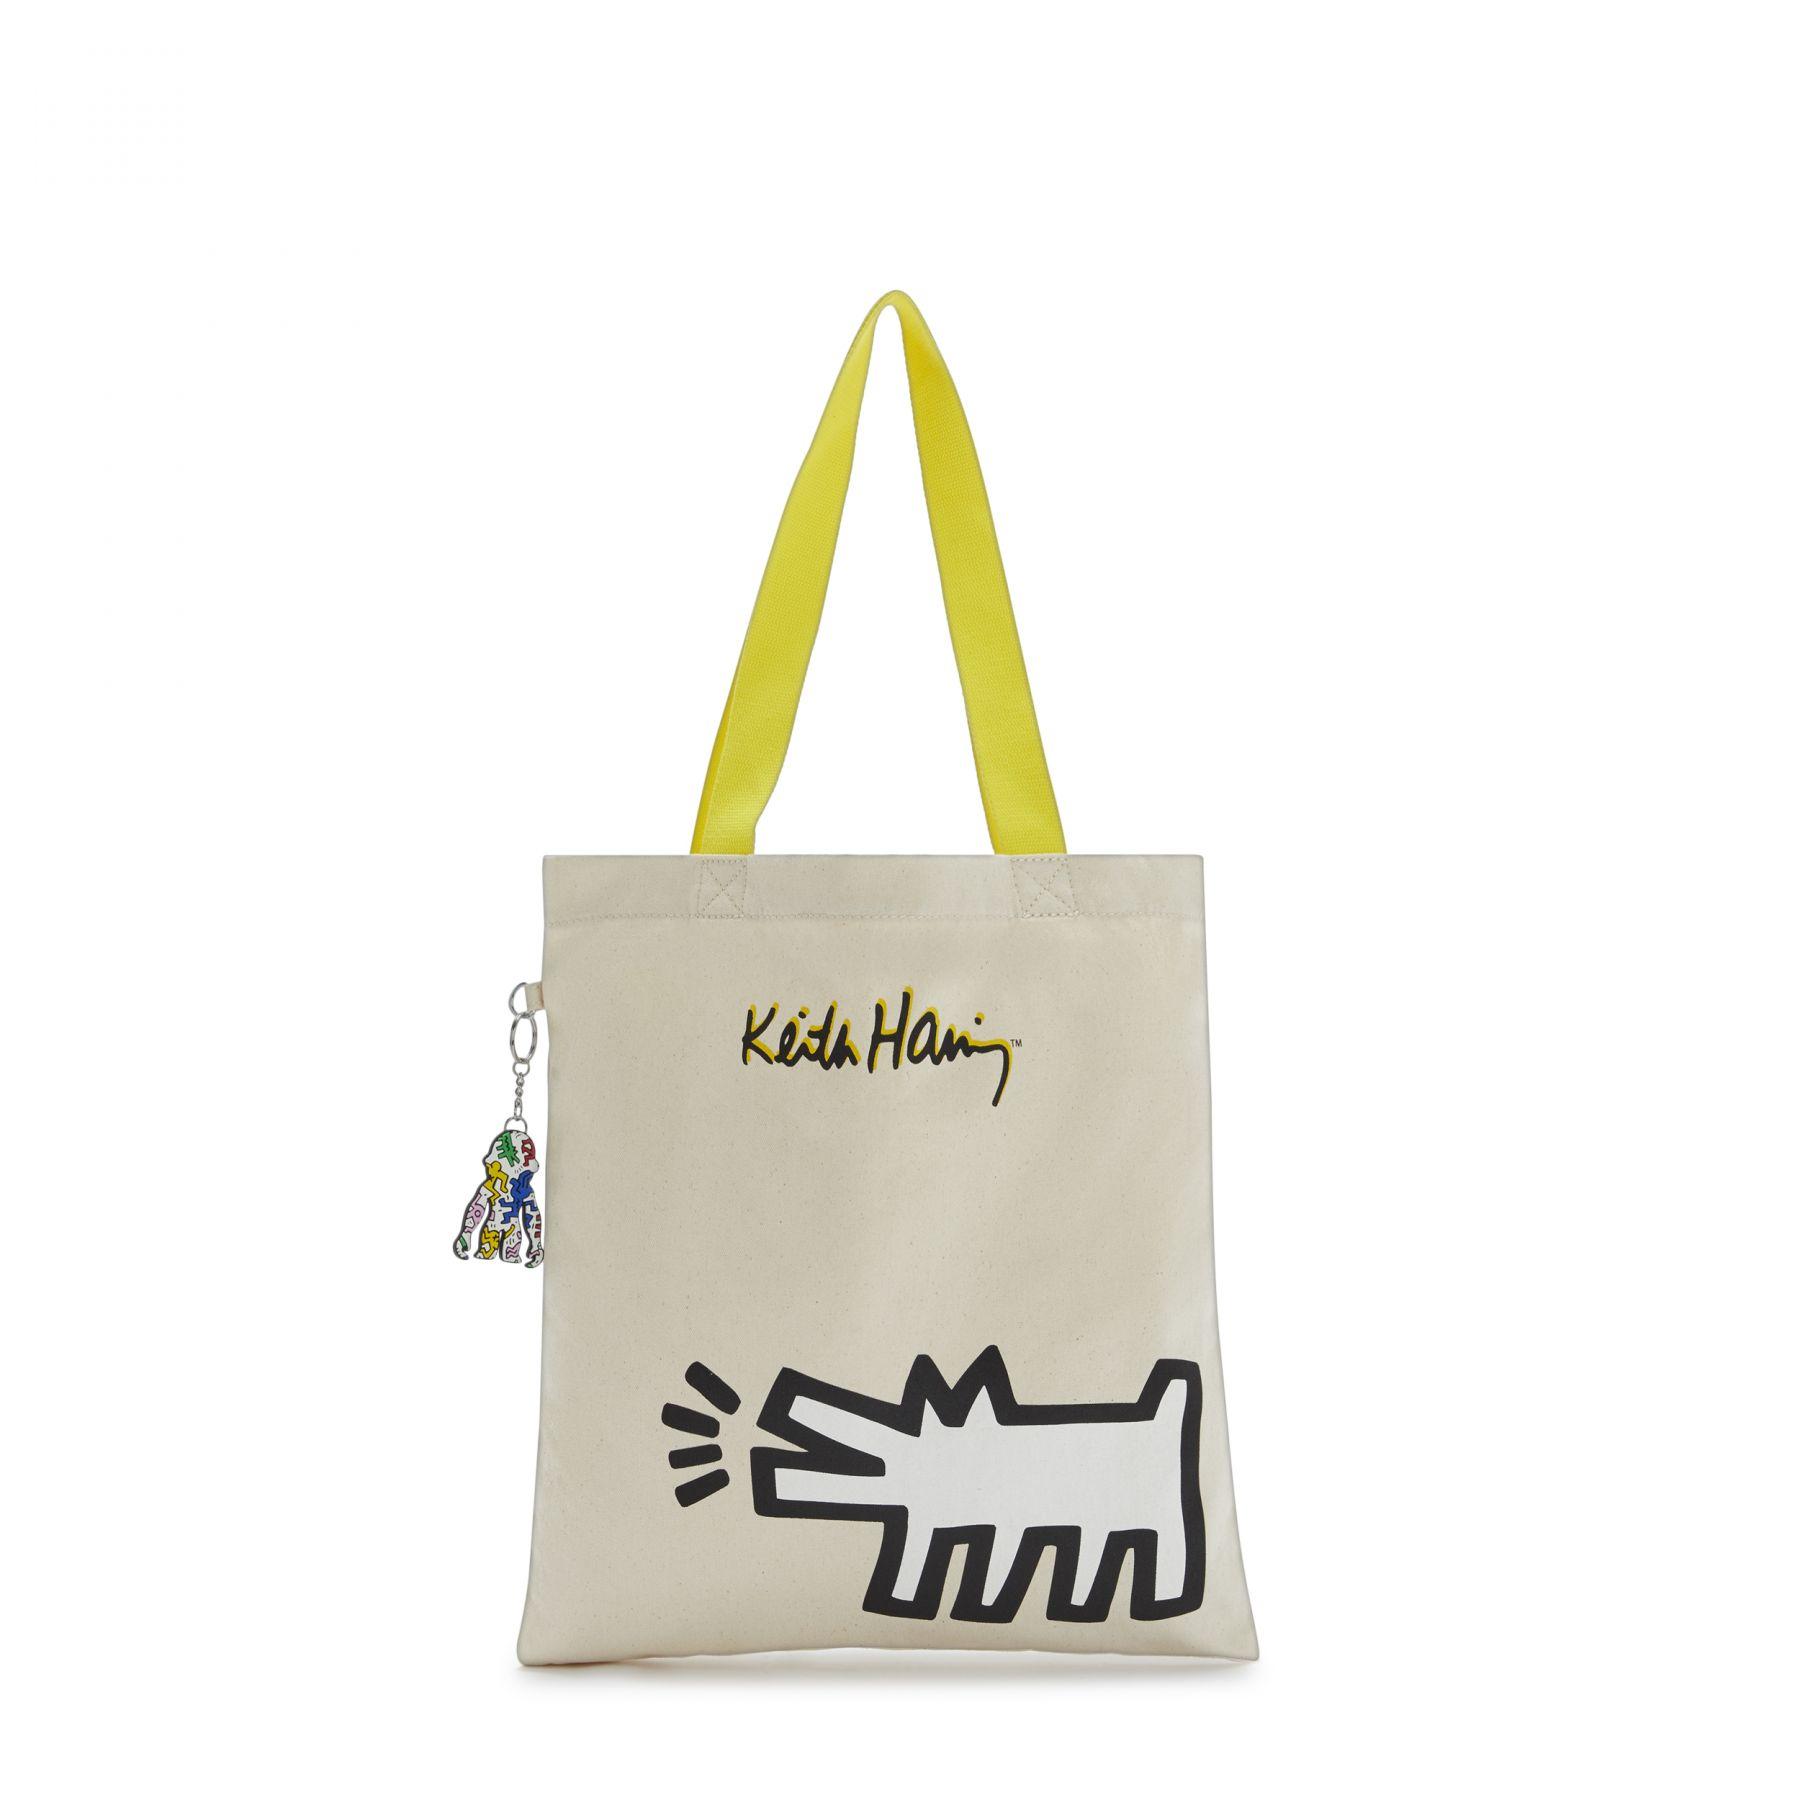 MY KH TOTE BAGS by Kipling